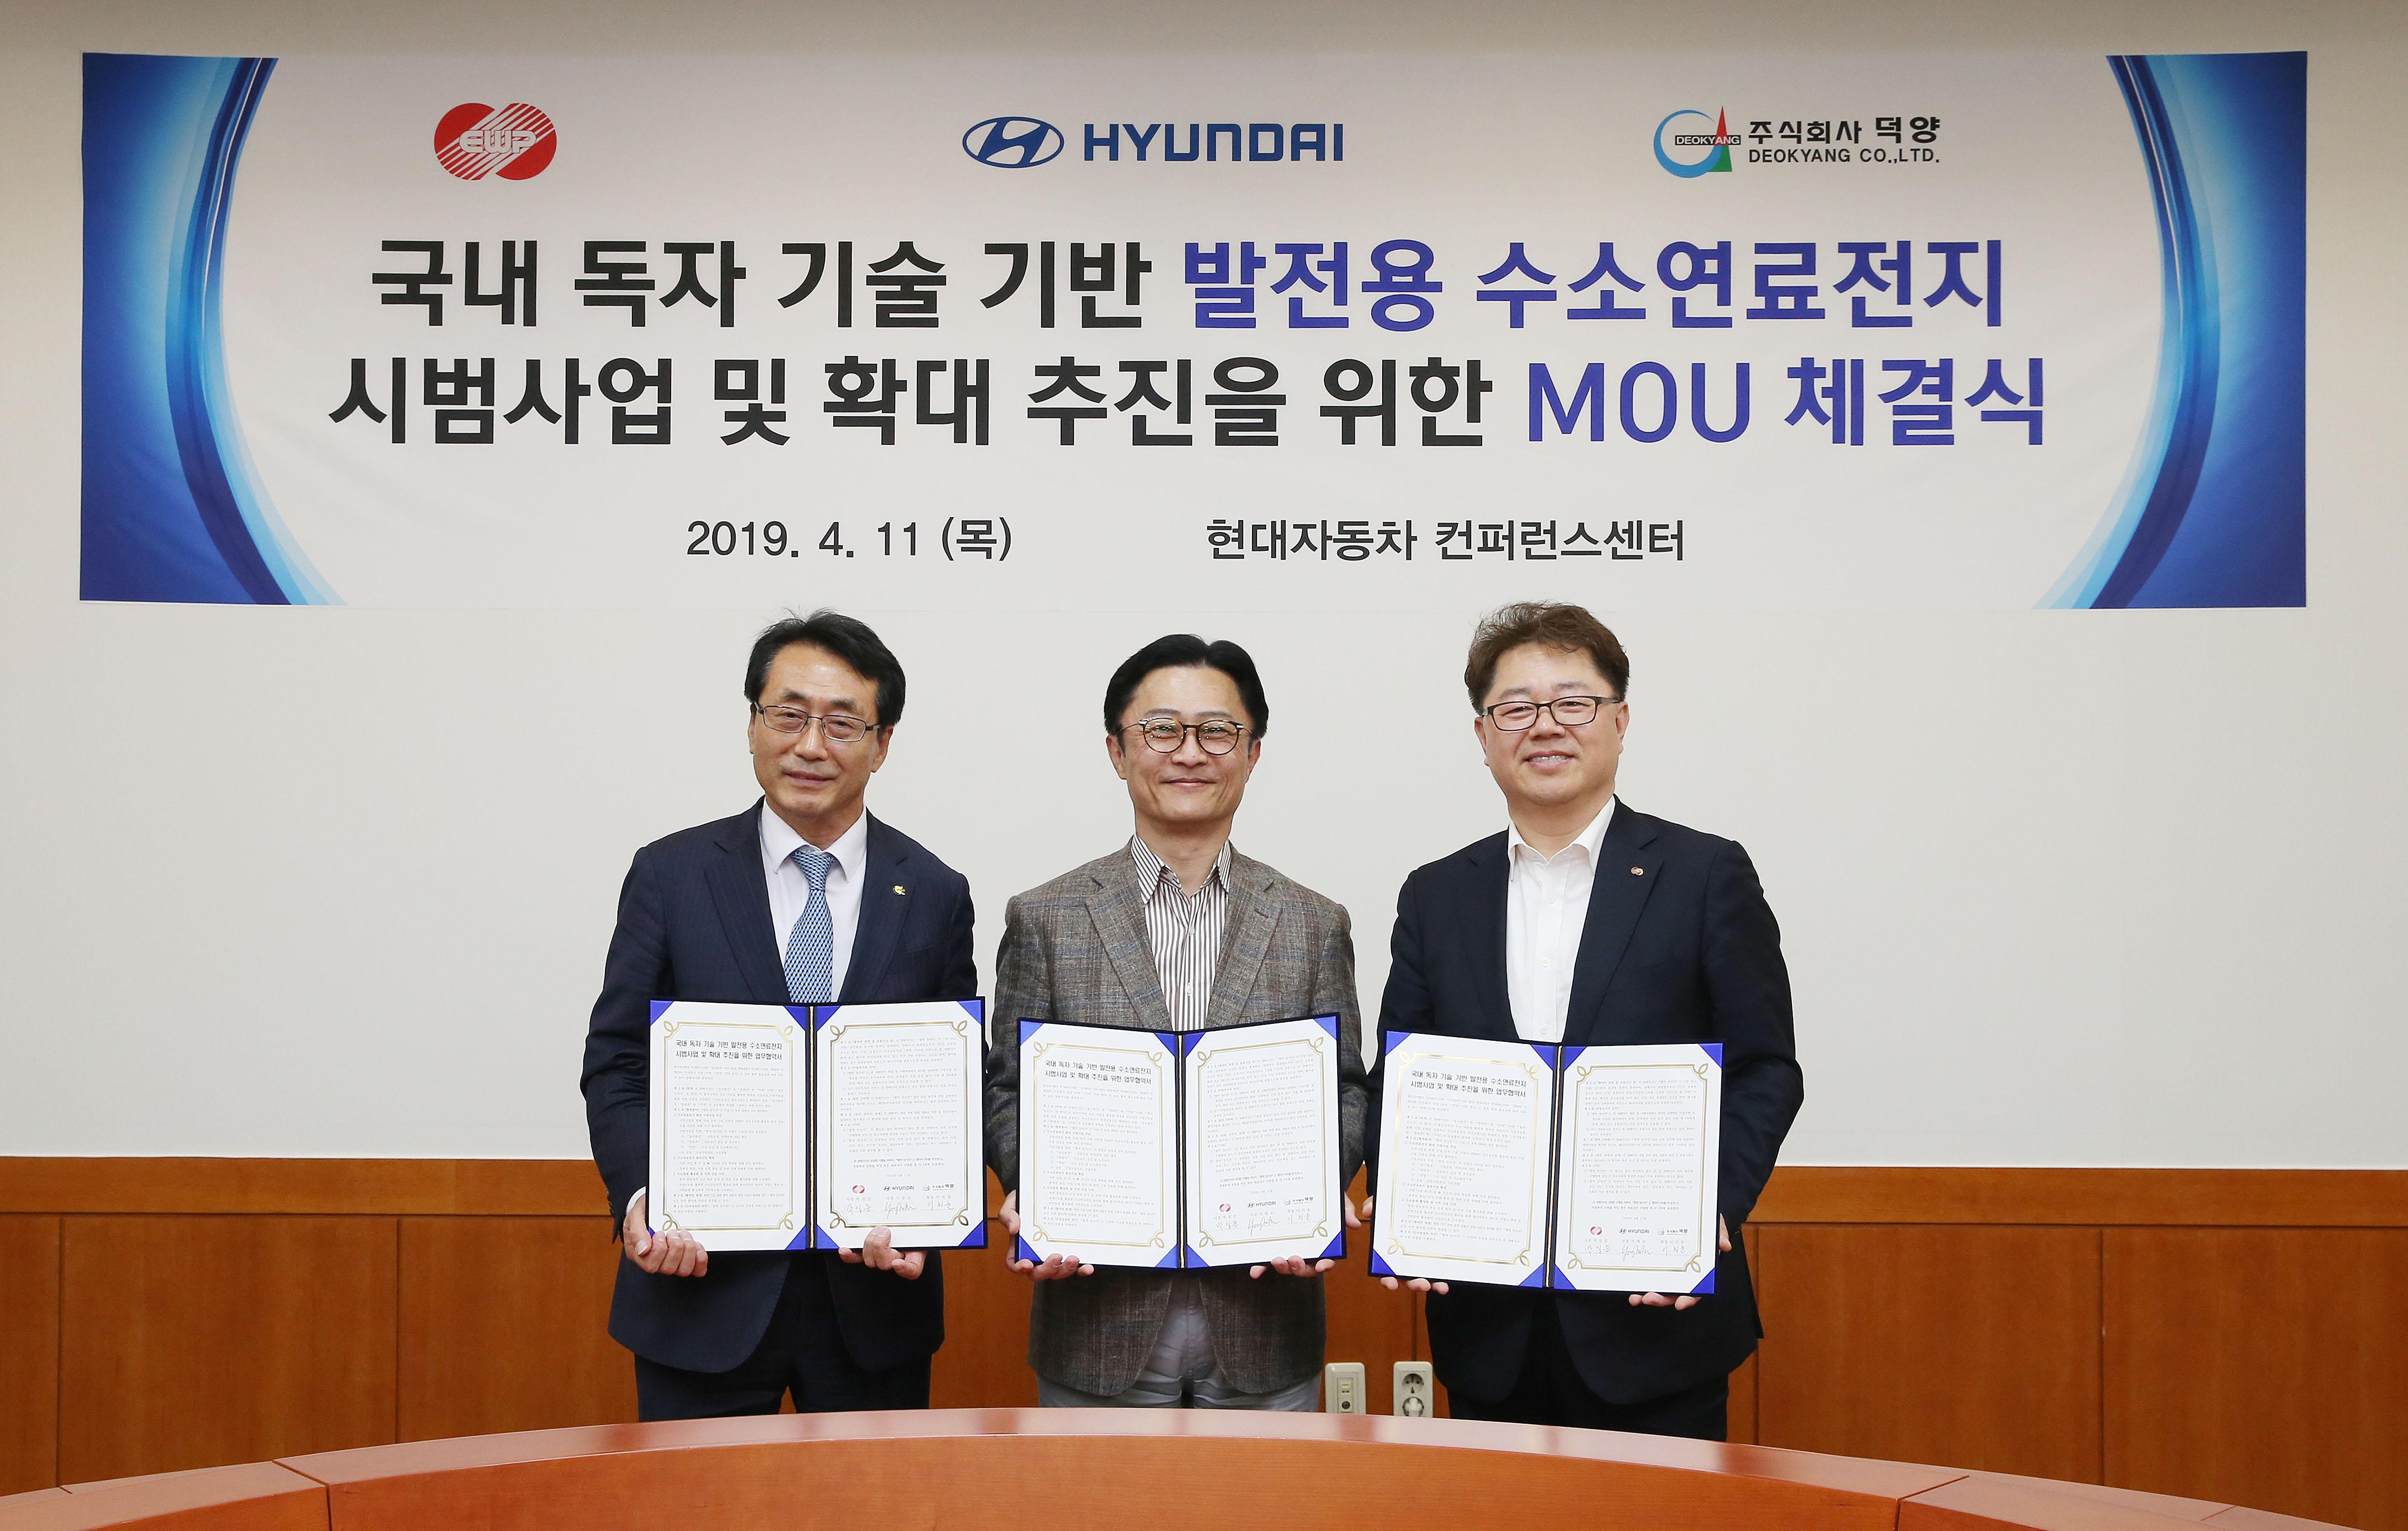 190412 Hyundai Announces Hydrogen Electricity Pilot Project Photo 1